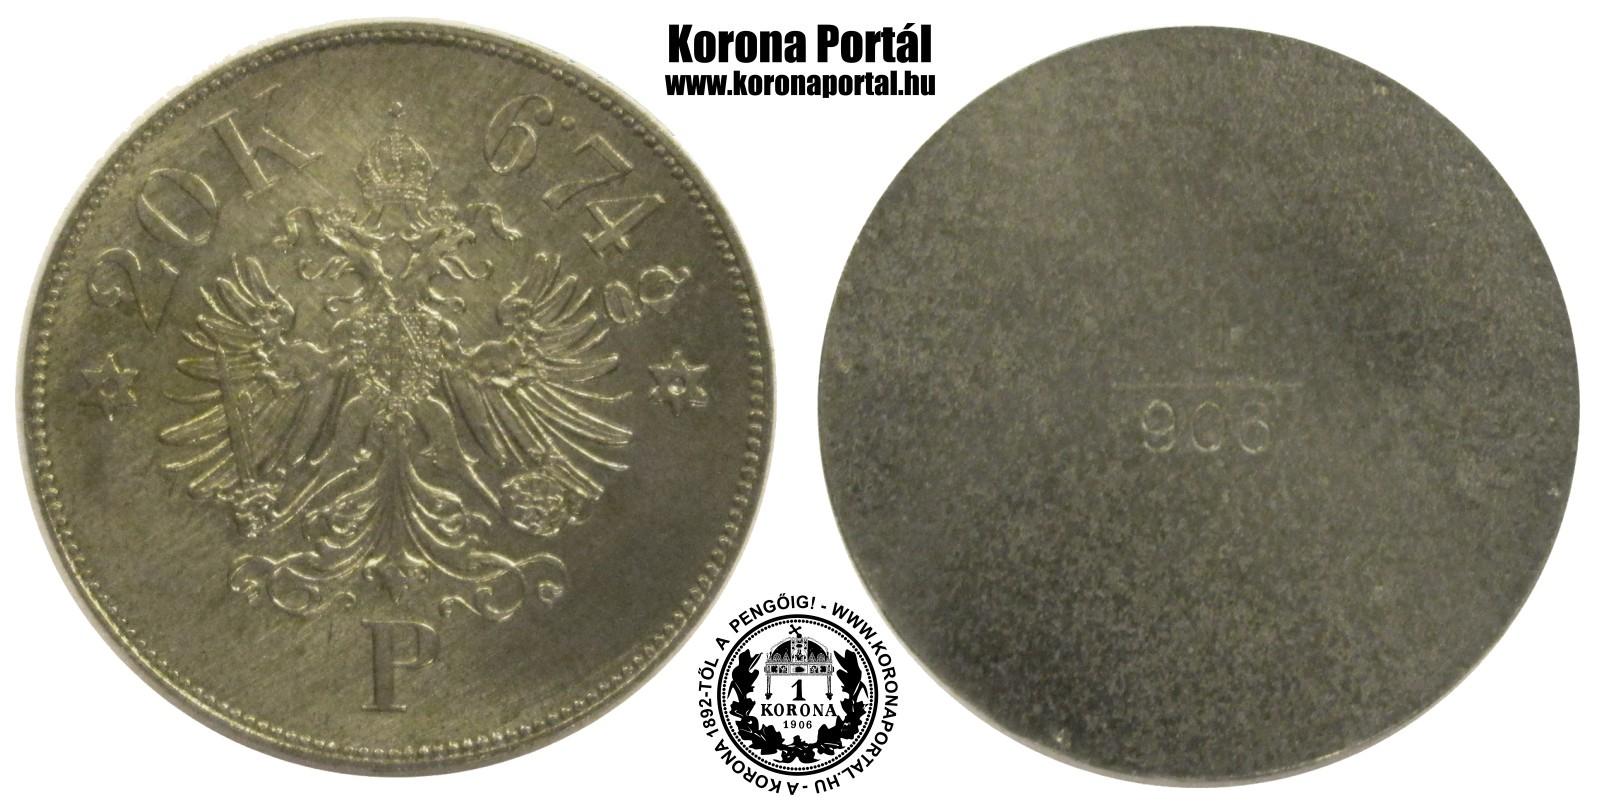 http://www.koronaportal.hu/penzsuly-sulypenz/www_koronaportal_hu_penzsuly-sulypenz-arany-20-korona-20k-p-674g_vekony_osztrak.jpg